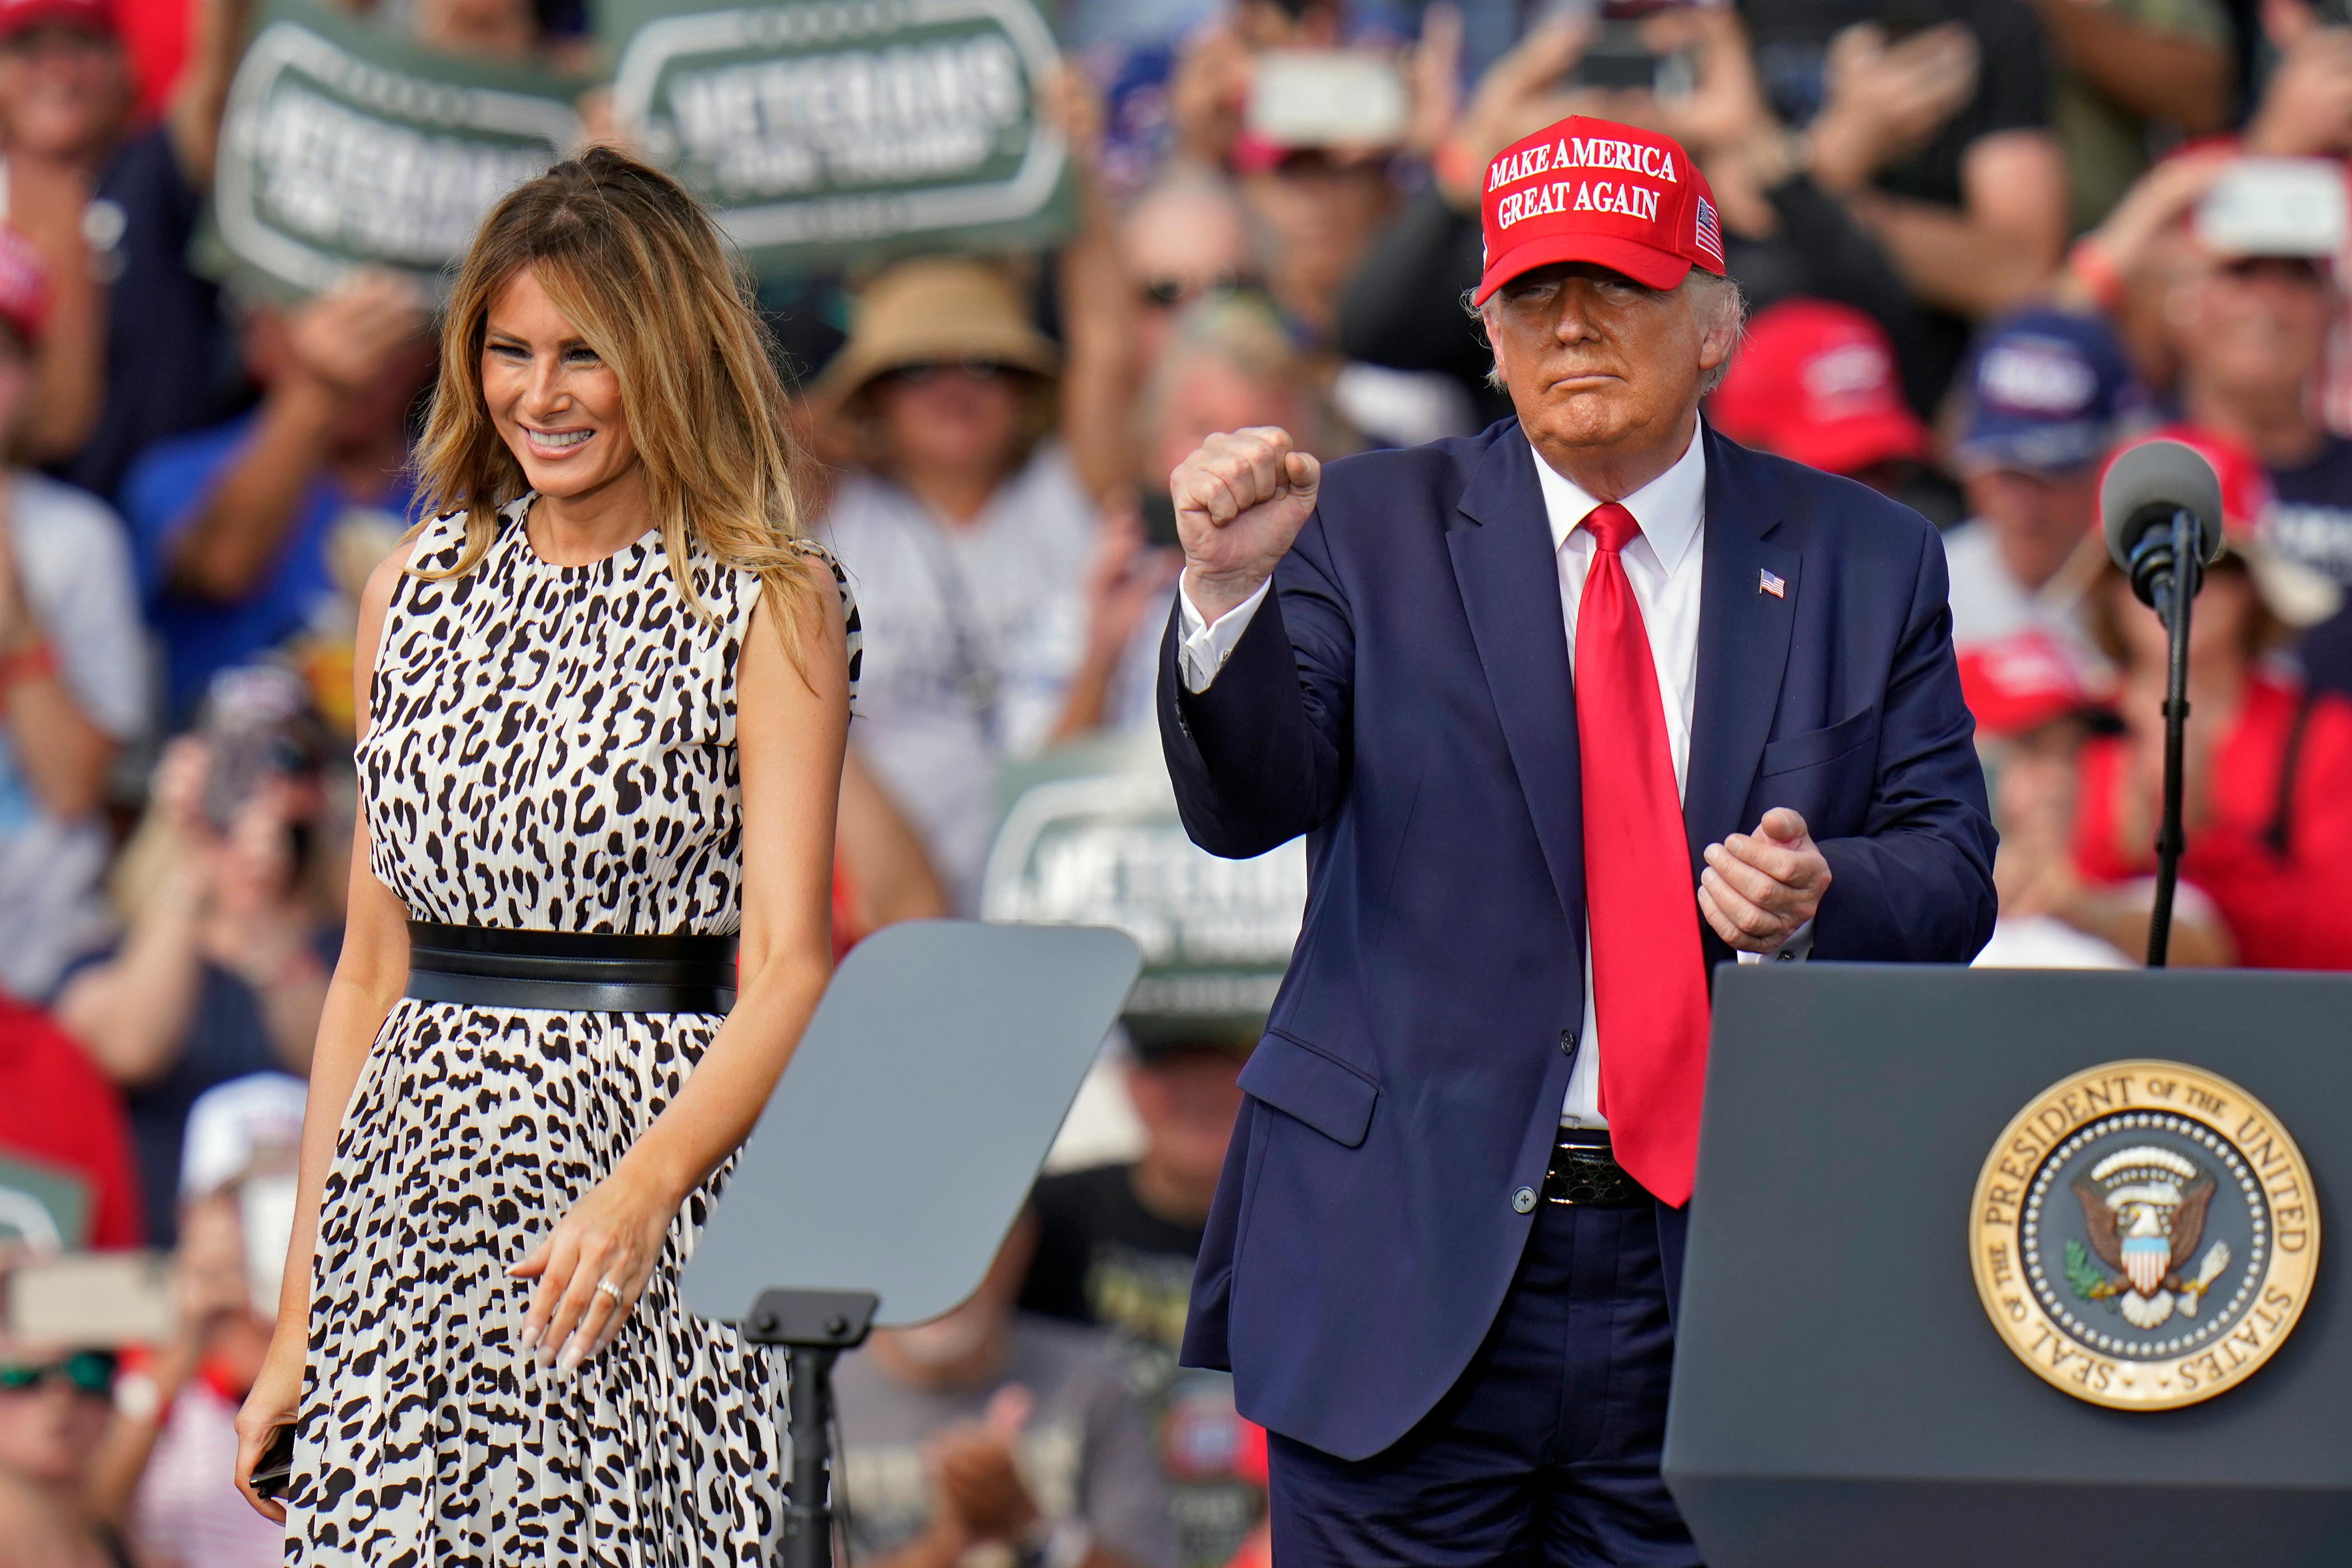 El presidente Trump afirmó que si Joe Biden gana, los ataques electorales como los vistos en Francia llegarán a Estados Unidos.